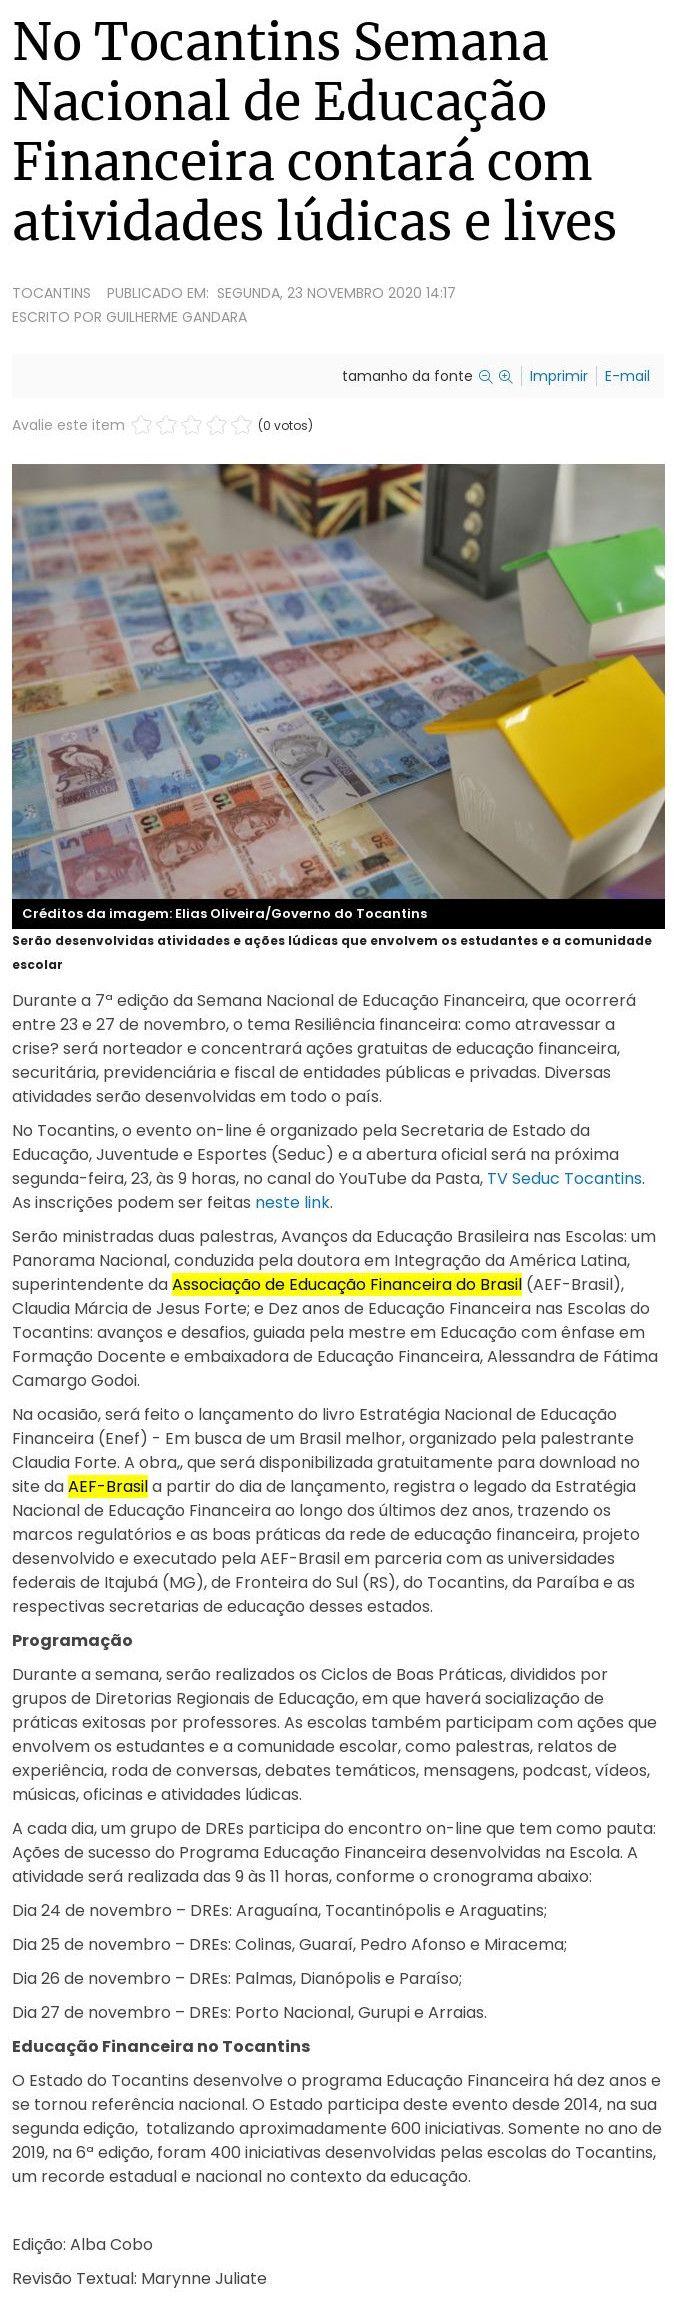 No Tocantins Semana Nacional de Educação Financeira contará com atividades lúdicas e lives - Agora-Tô